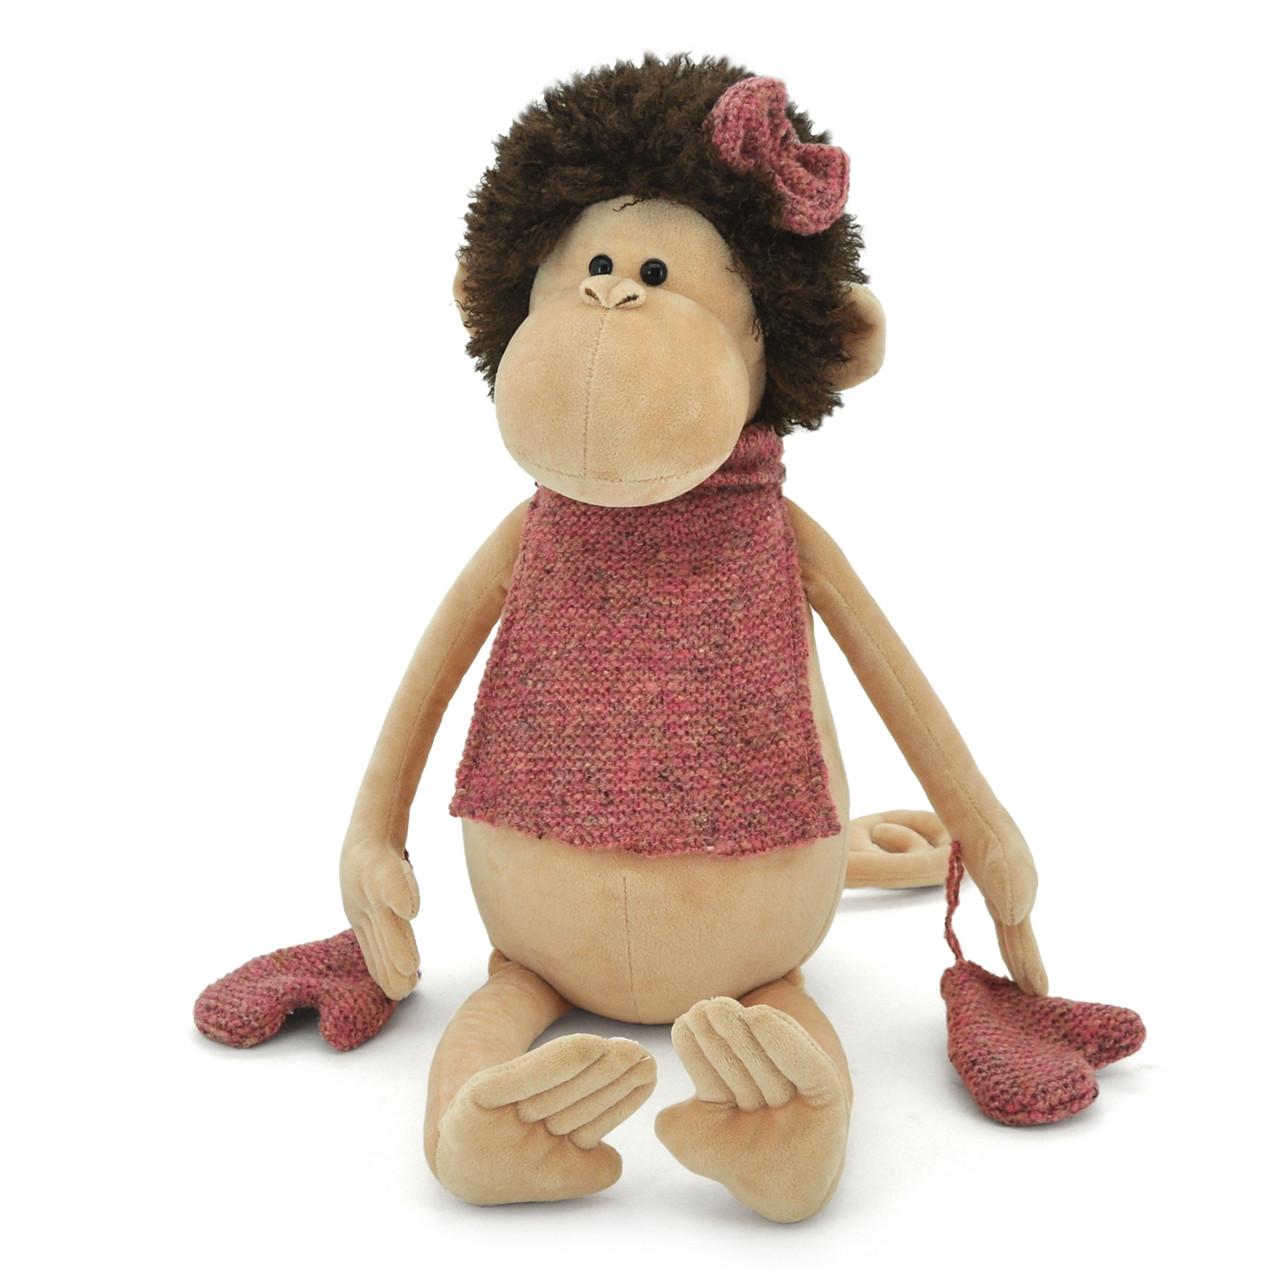 Мягкая игрушка «Orange» (5004/25) обезьянка Жози с манишкой в перчатках, 40 см